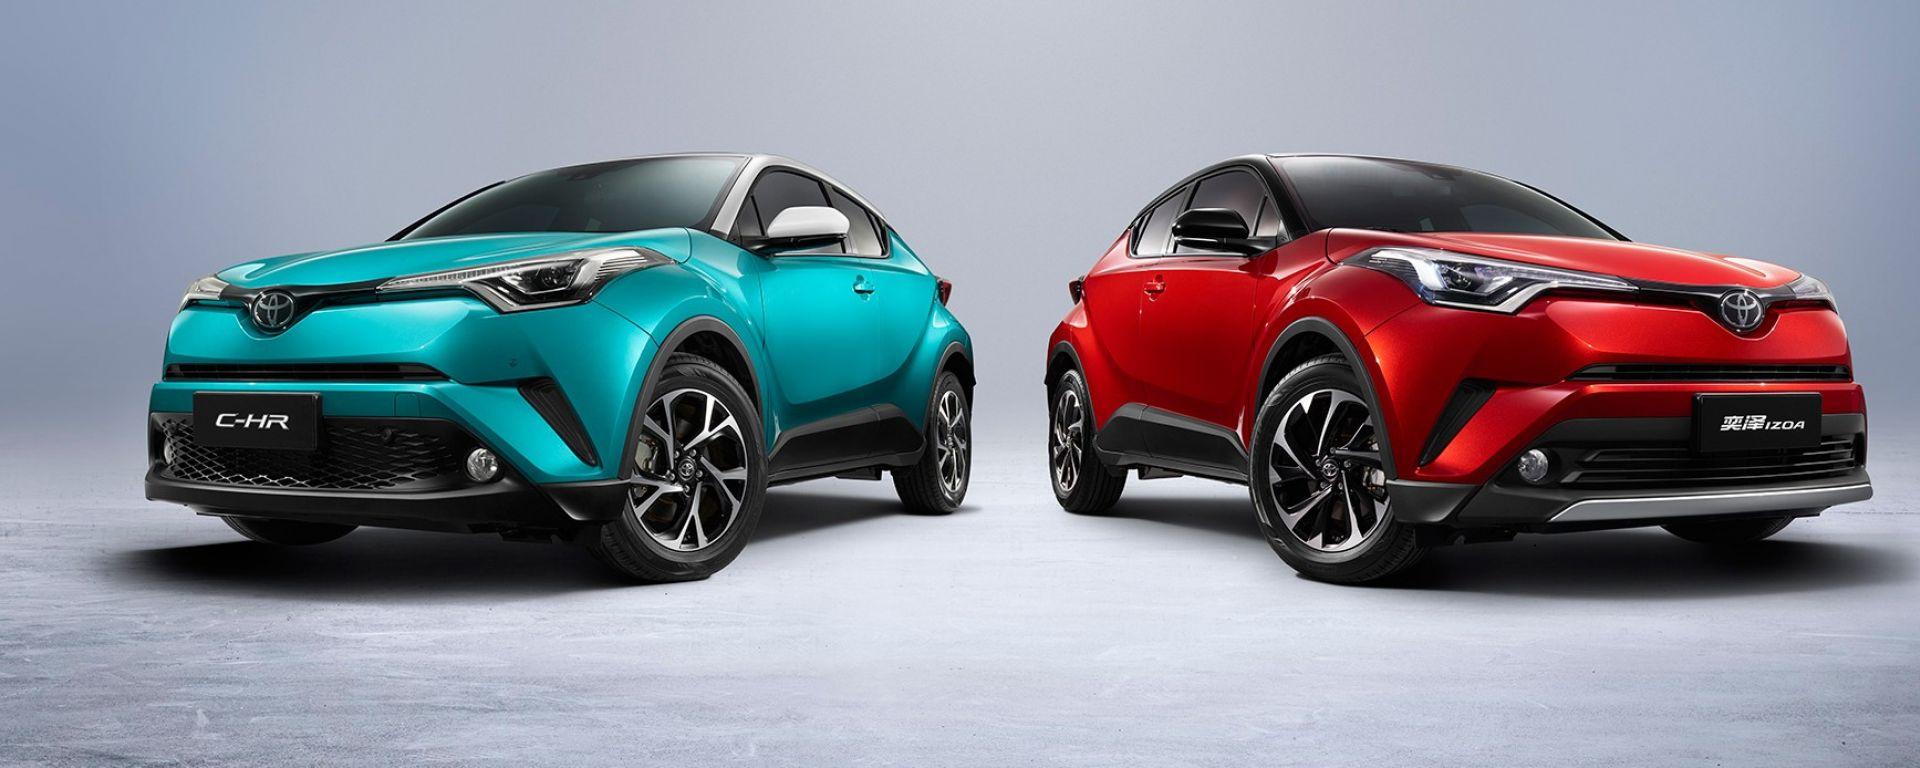 Toyota C-HR elettrica, debutto al salone di Pechino